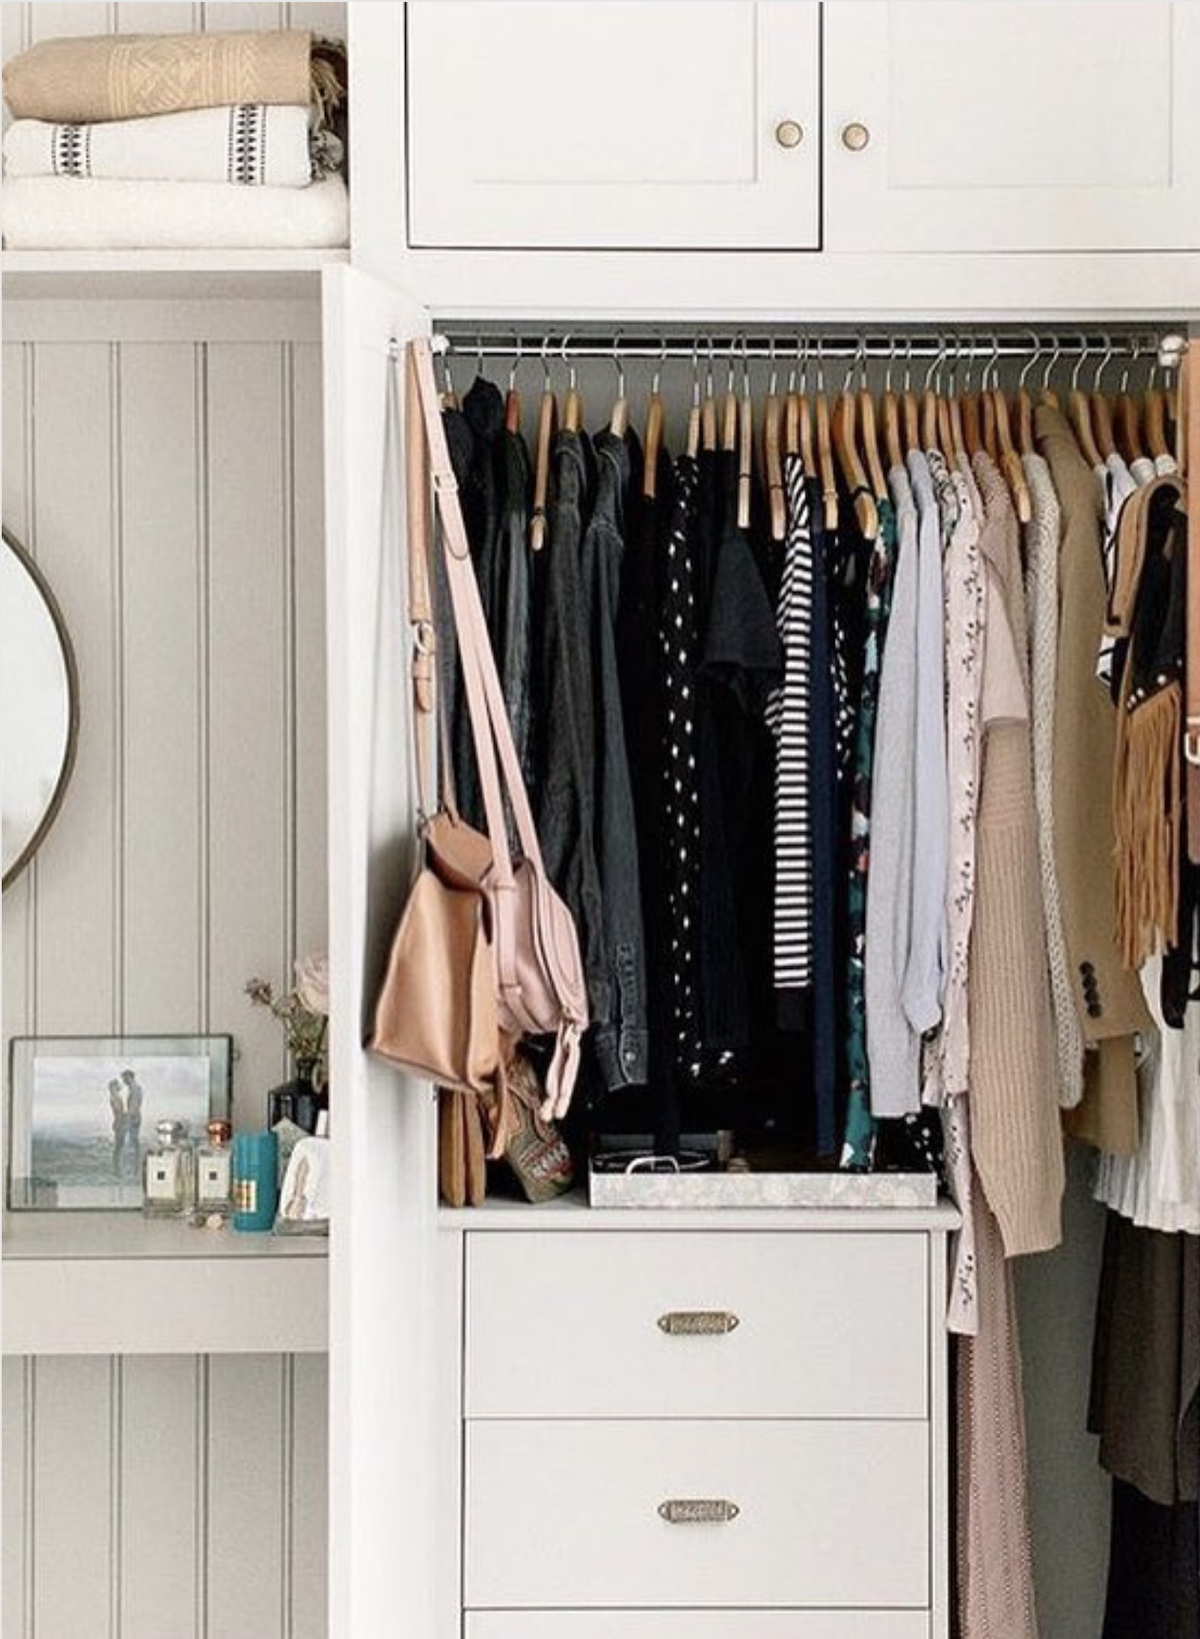 méthode de rangement marie kondo dressing vêtements habits konmari - blog déco - clem around the corner